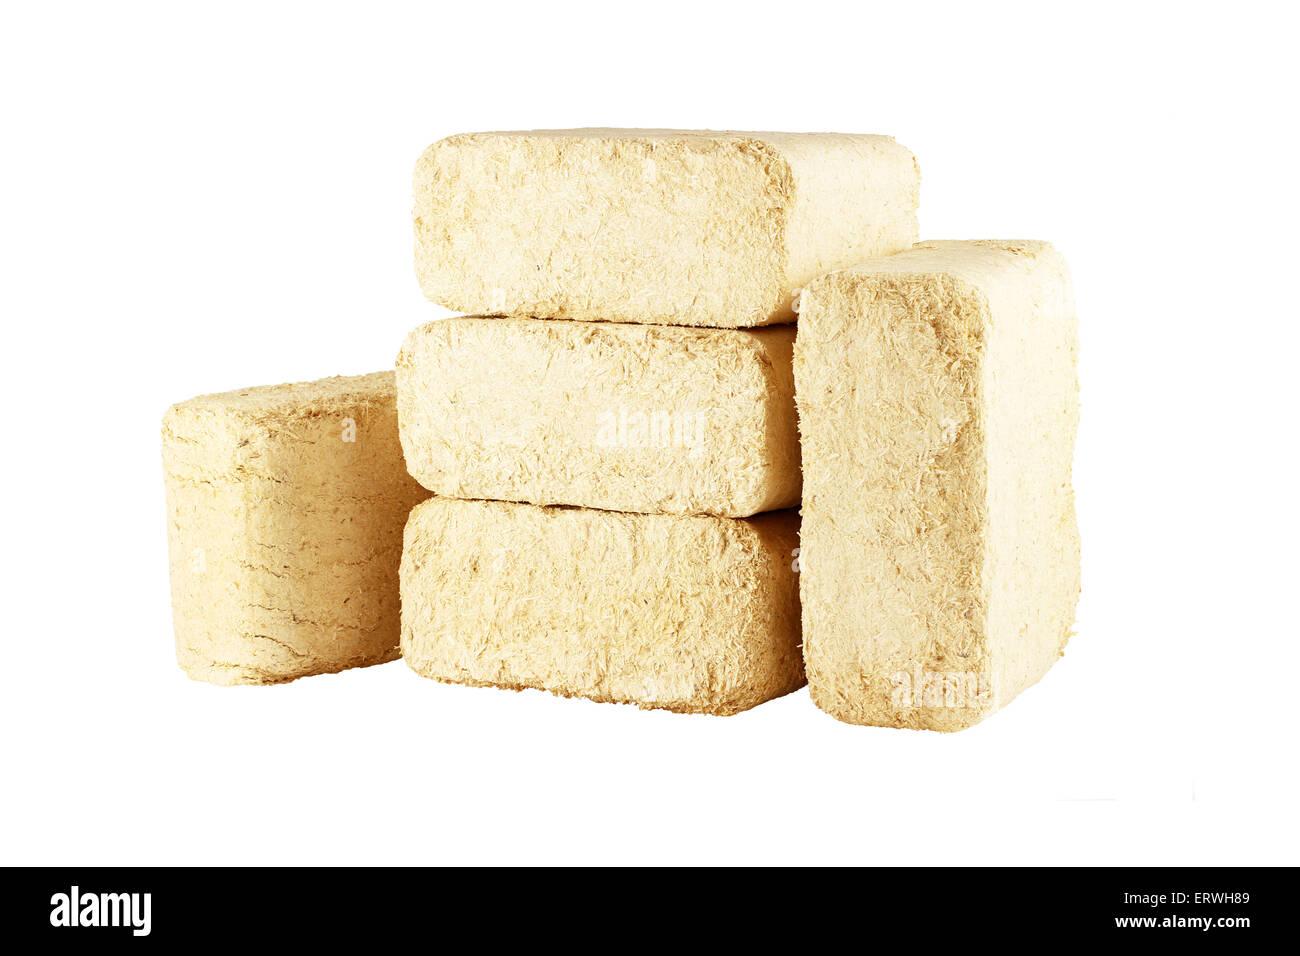 Wooden briquettes - Stock Image